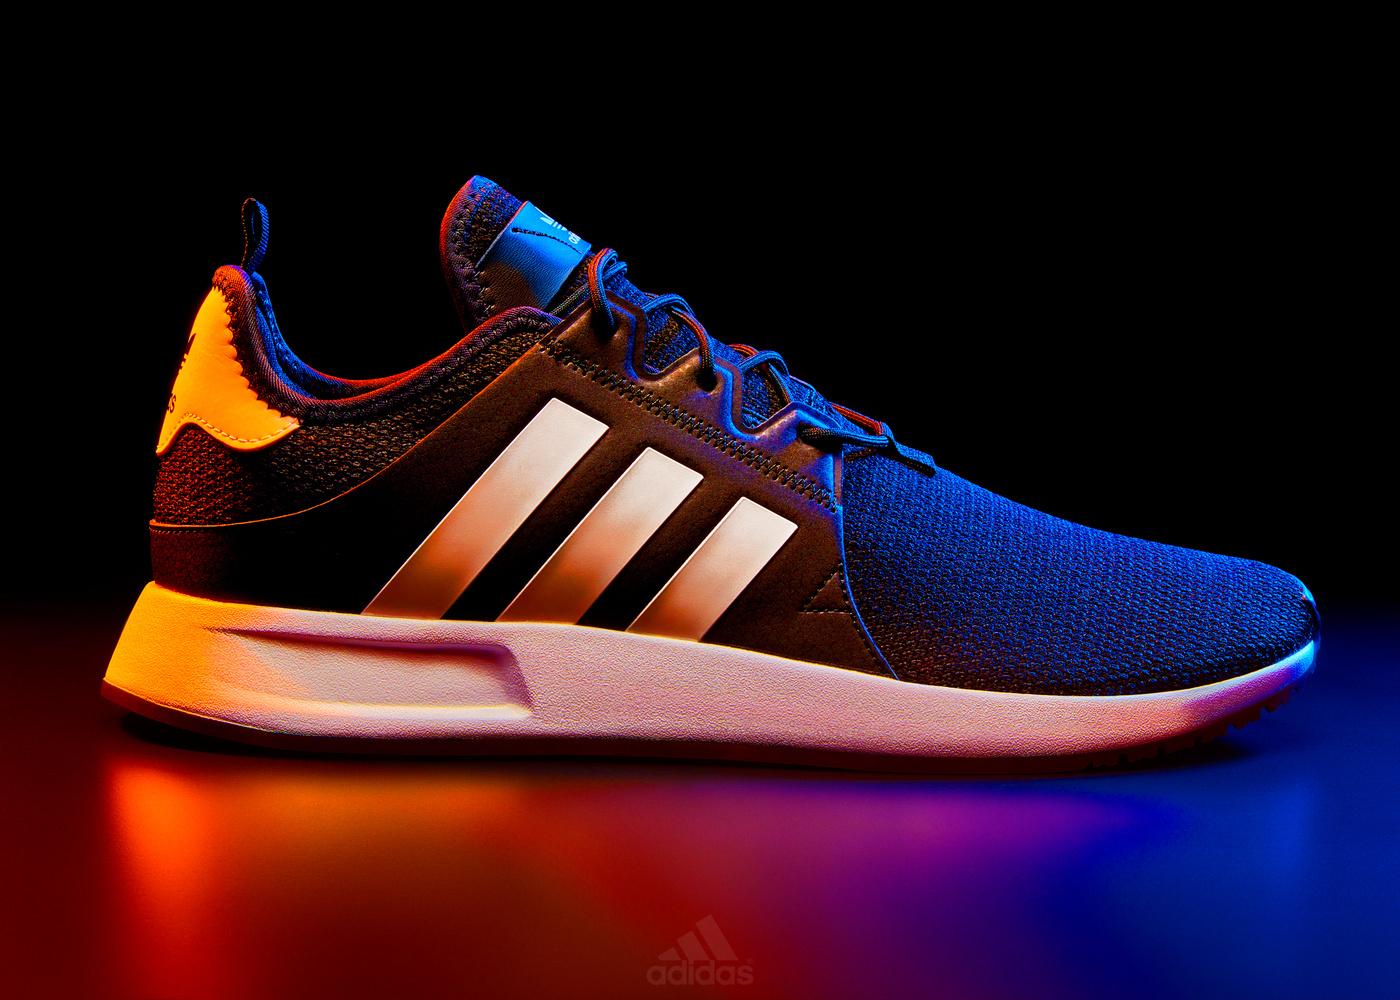 Adidas 2 by Daniel Johansson